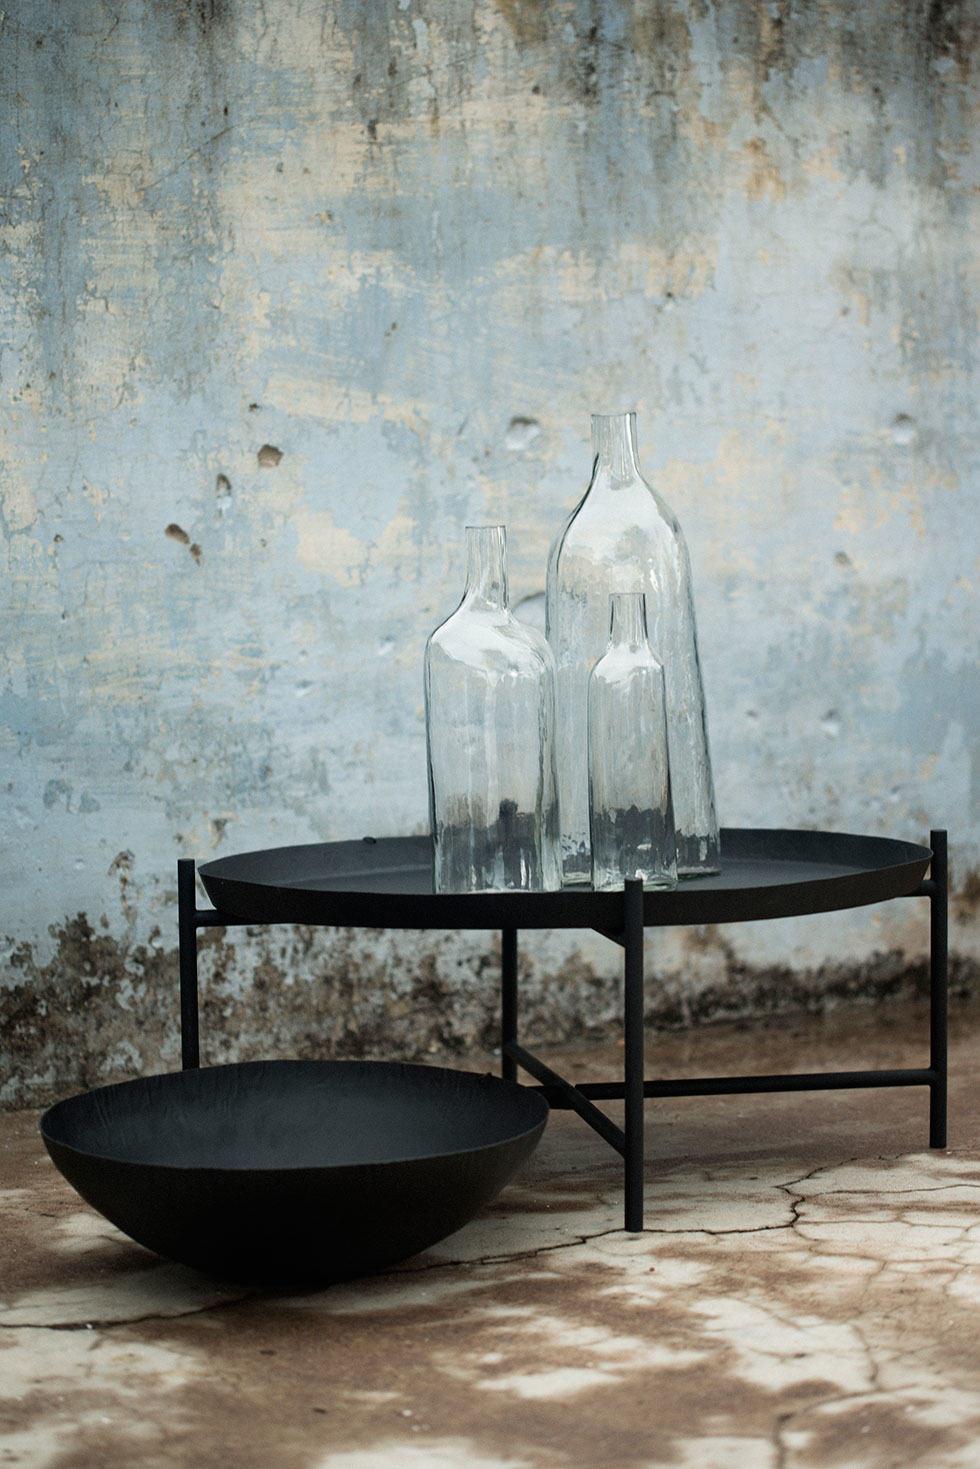 IKEA_SVARTAN_brickbord_flaska_skal